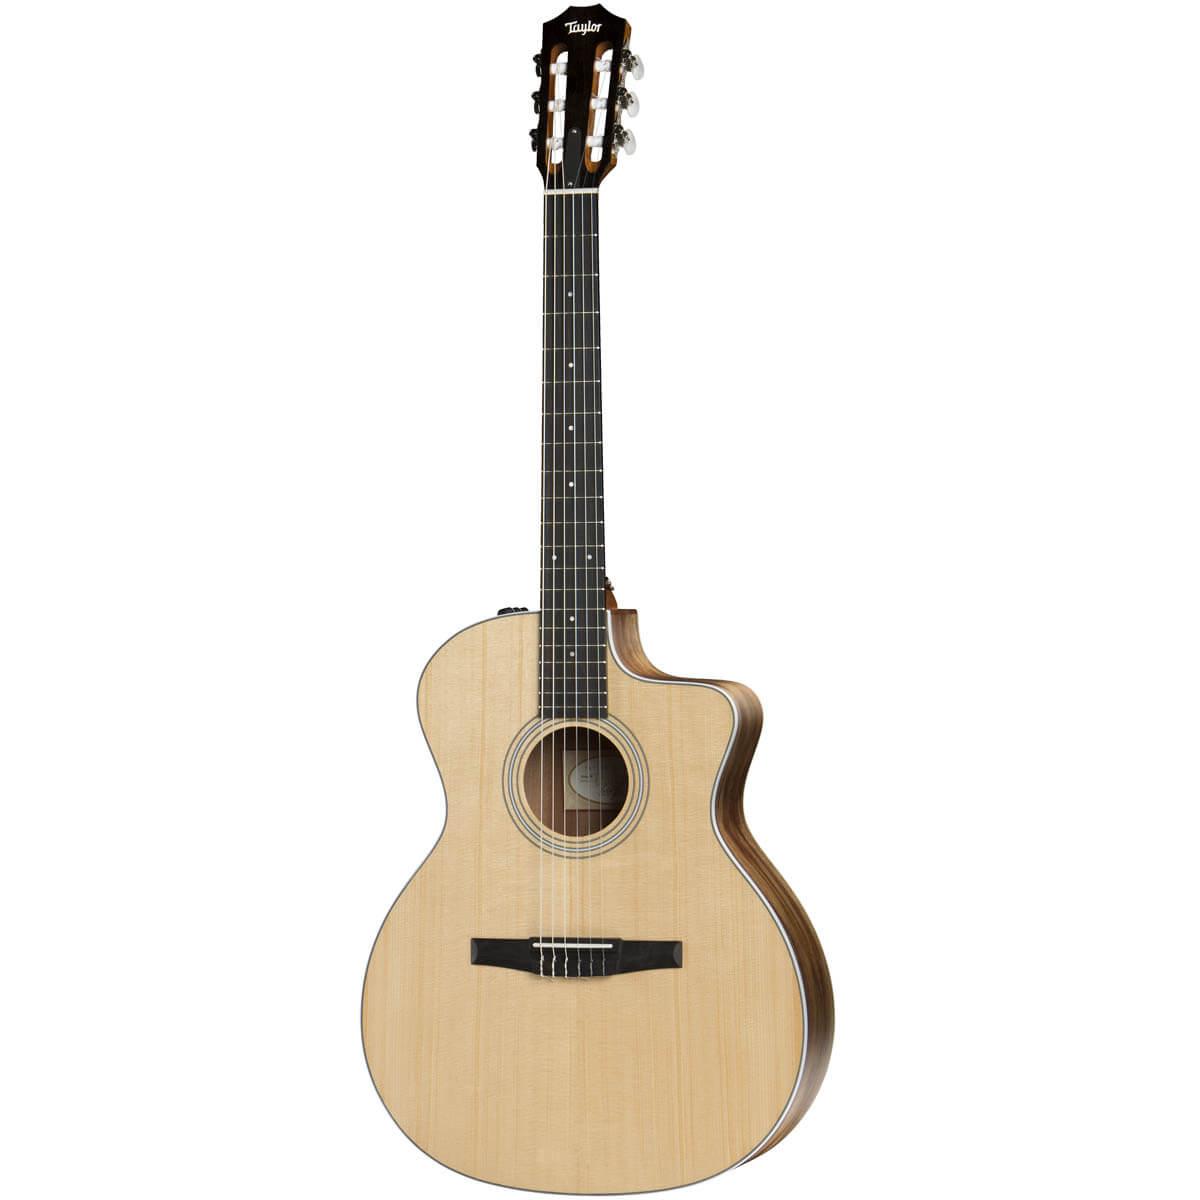 Taylor 214ce-N spansk guitar